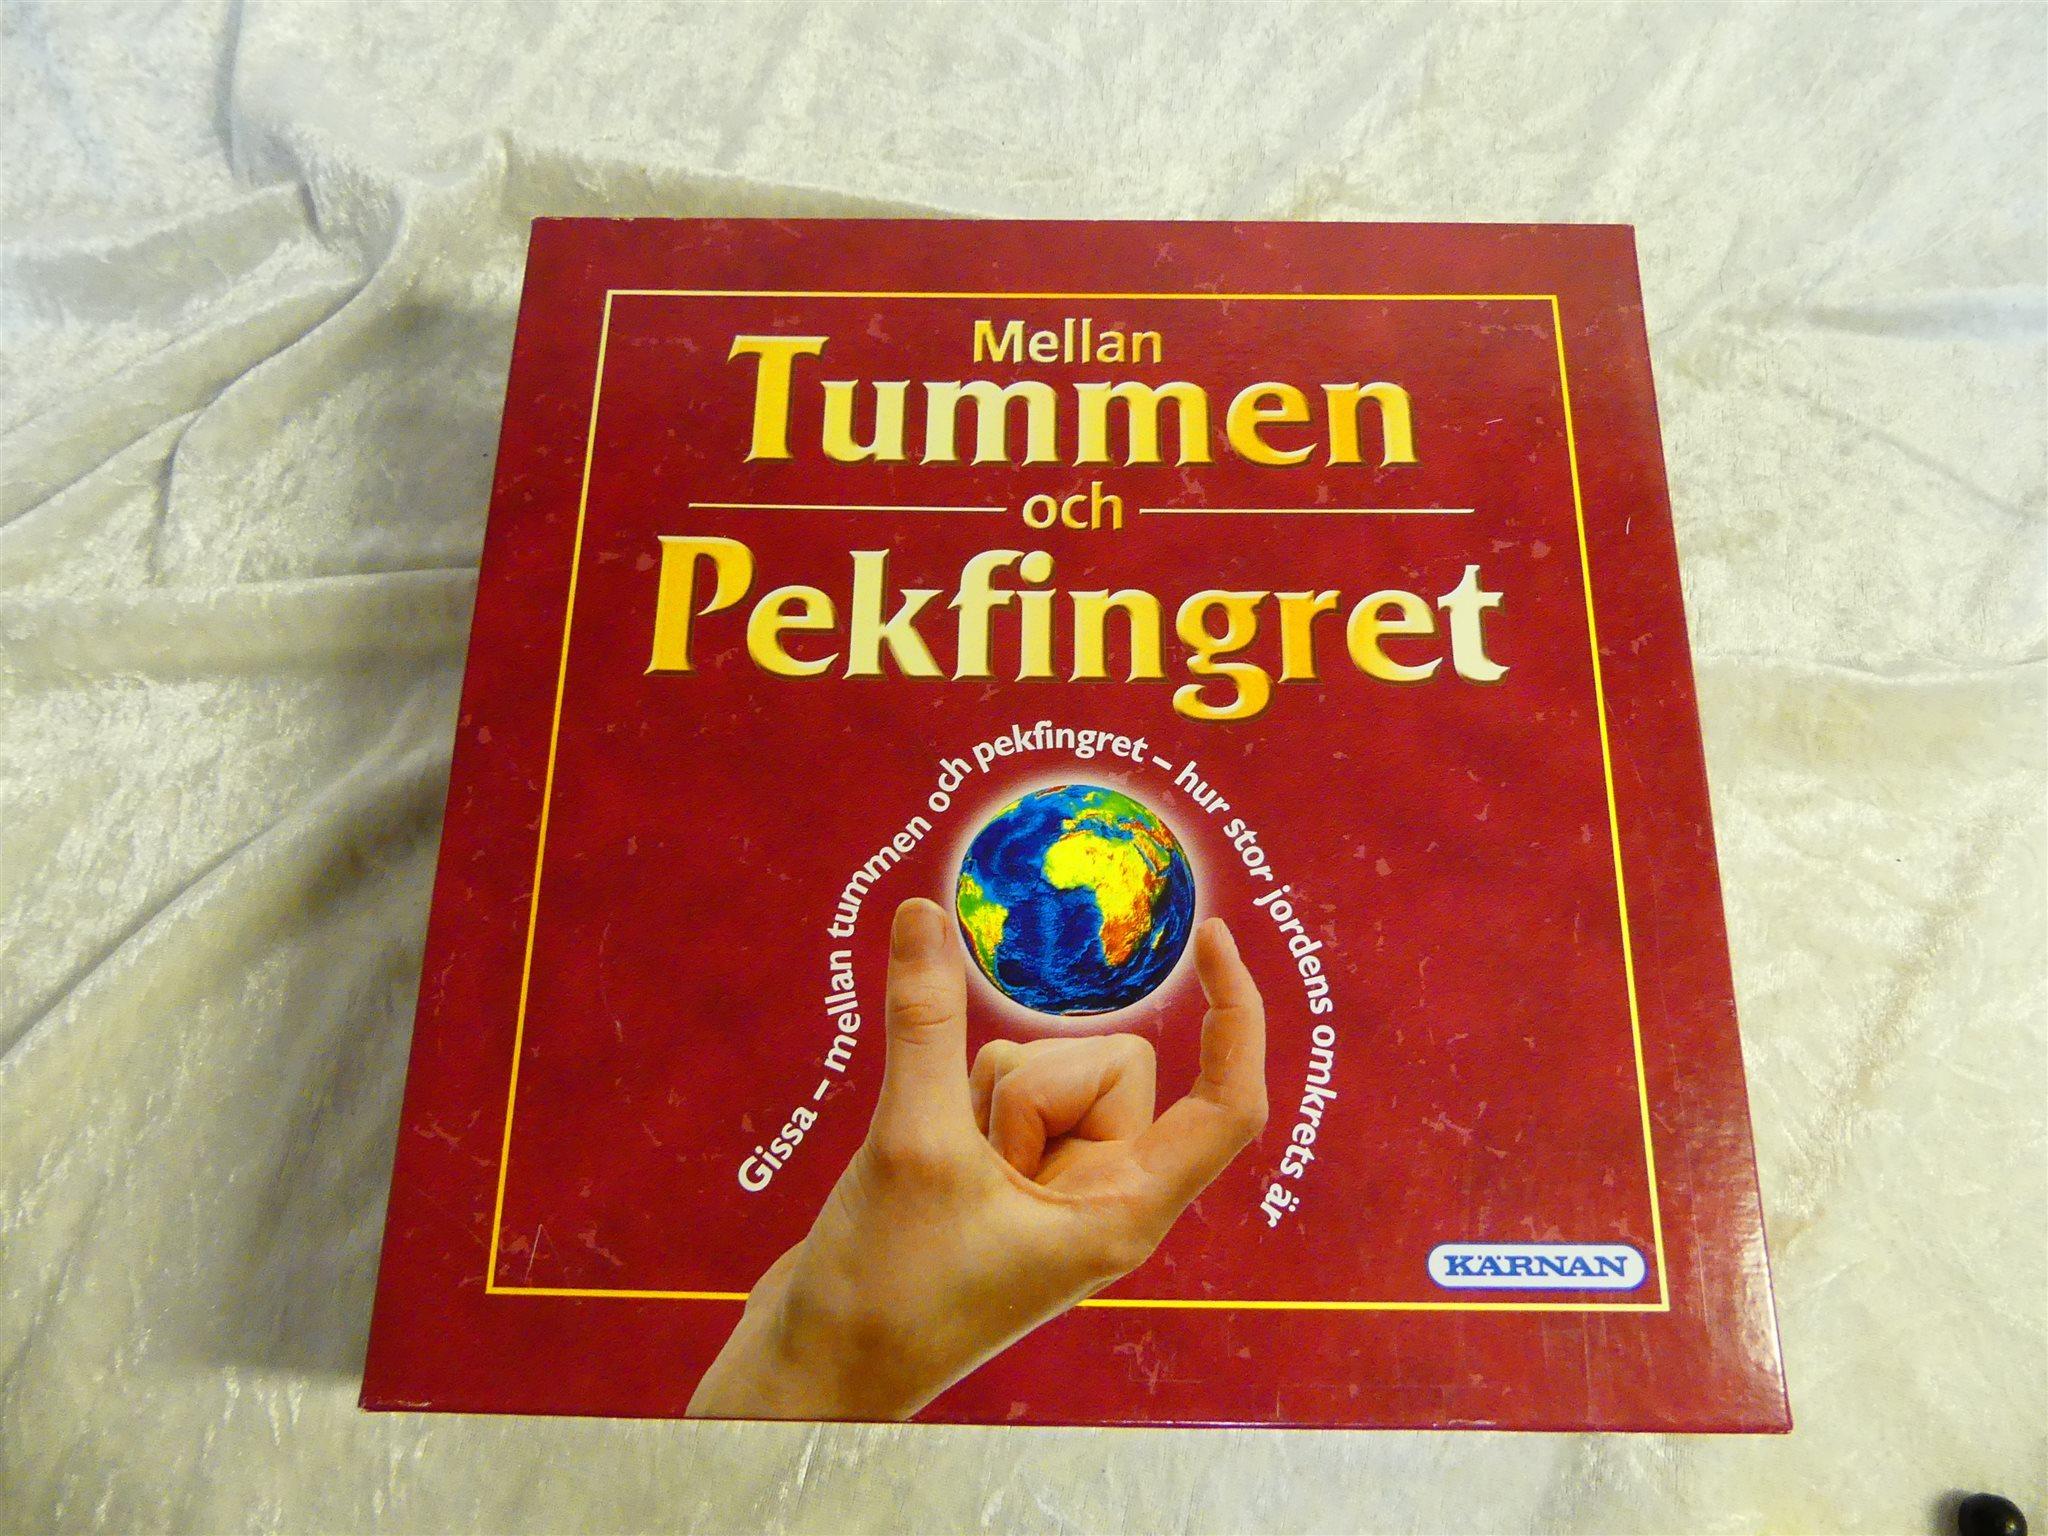 spel mellan tummen och pekfingret